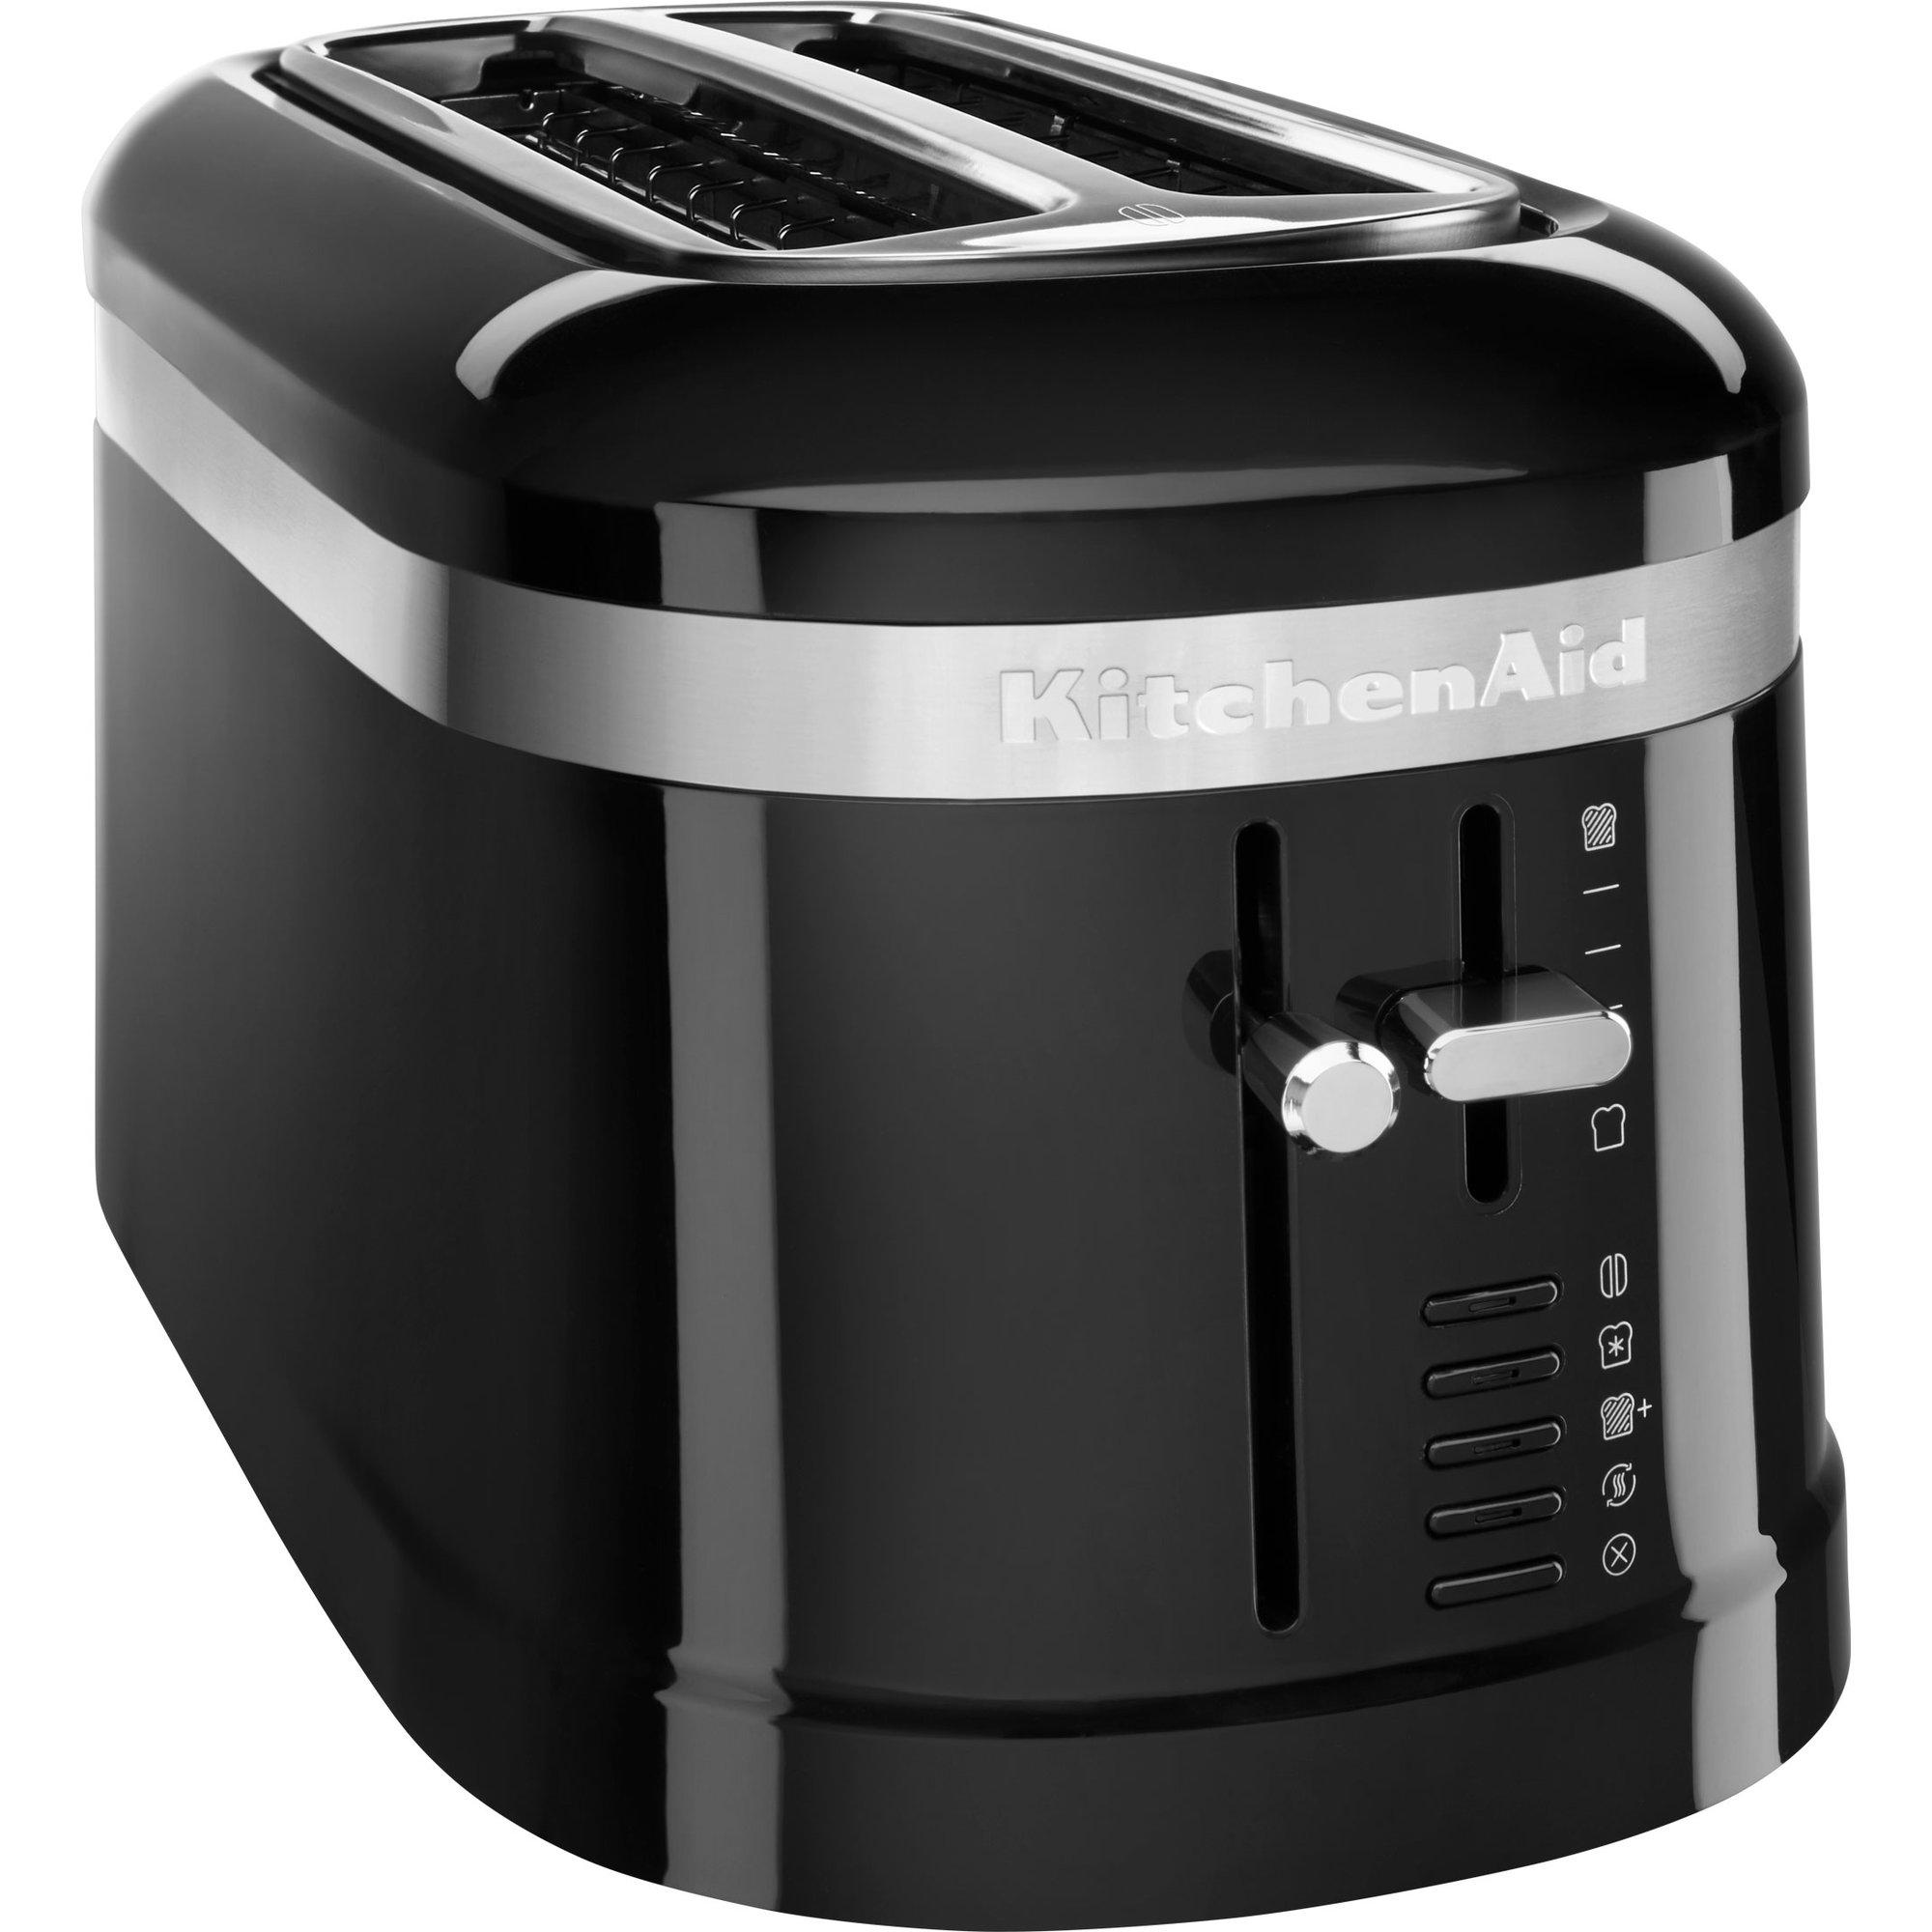 KitchenAid Brödrost 5KMT5115 Onyx black